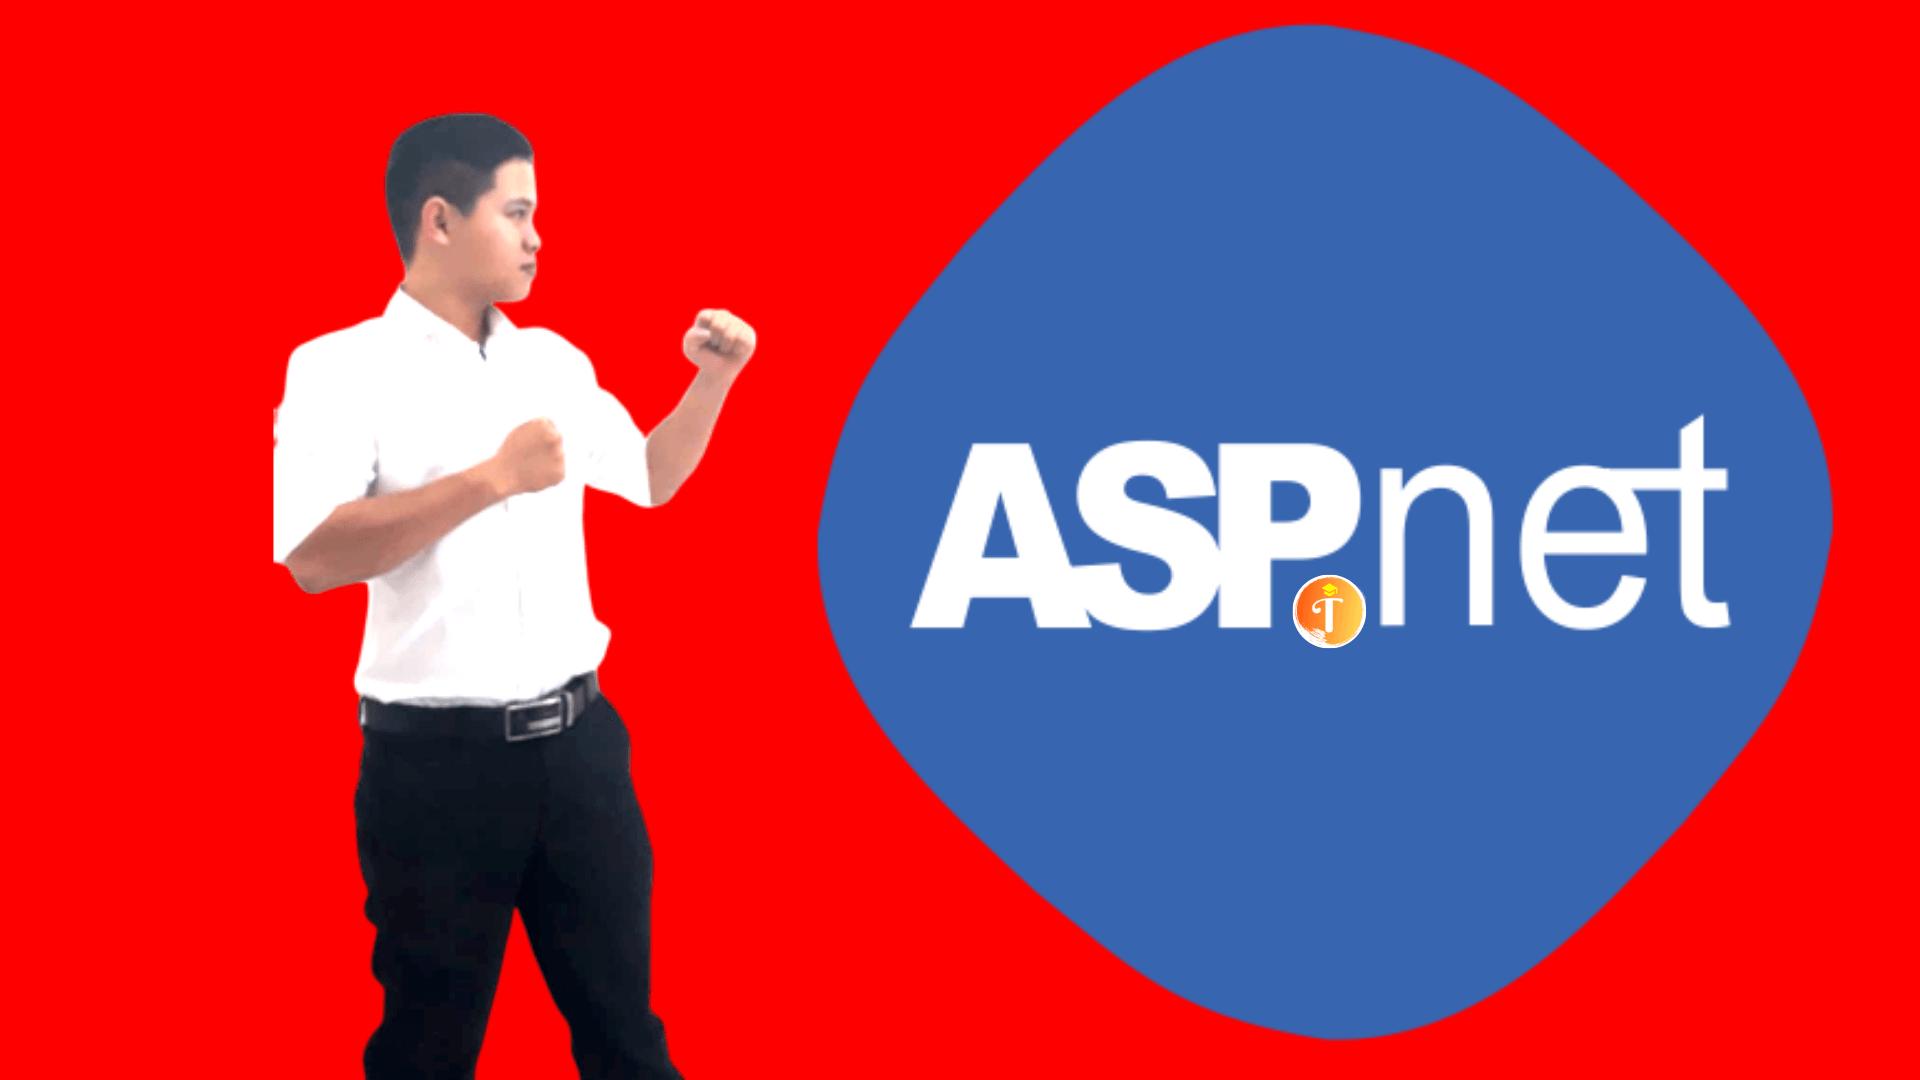 Khóa học lập trình asp.net tại đà nẵng